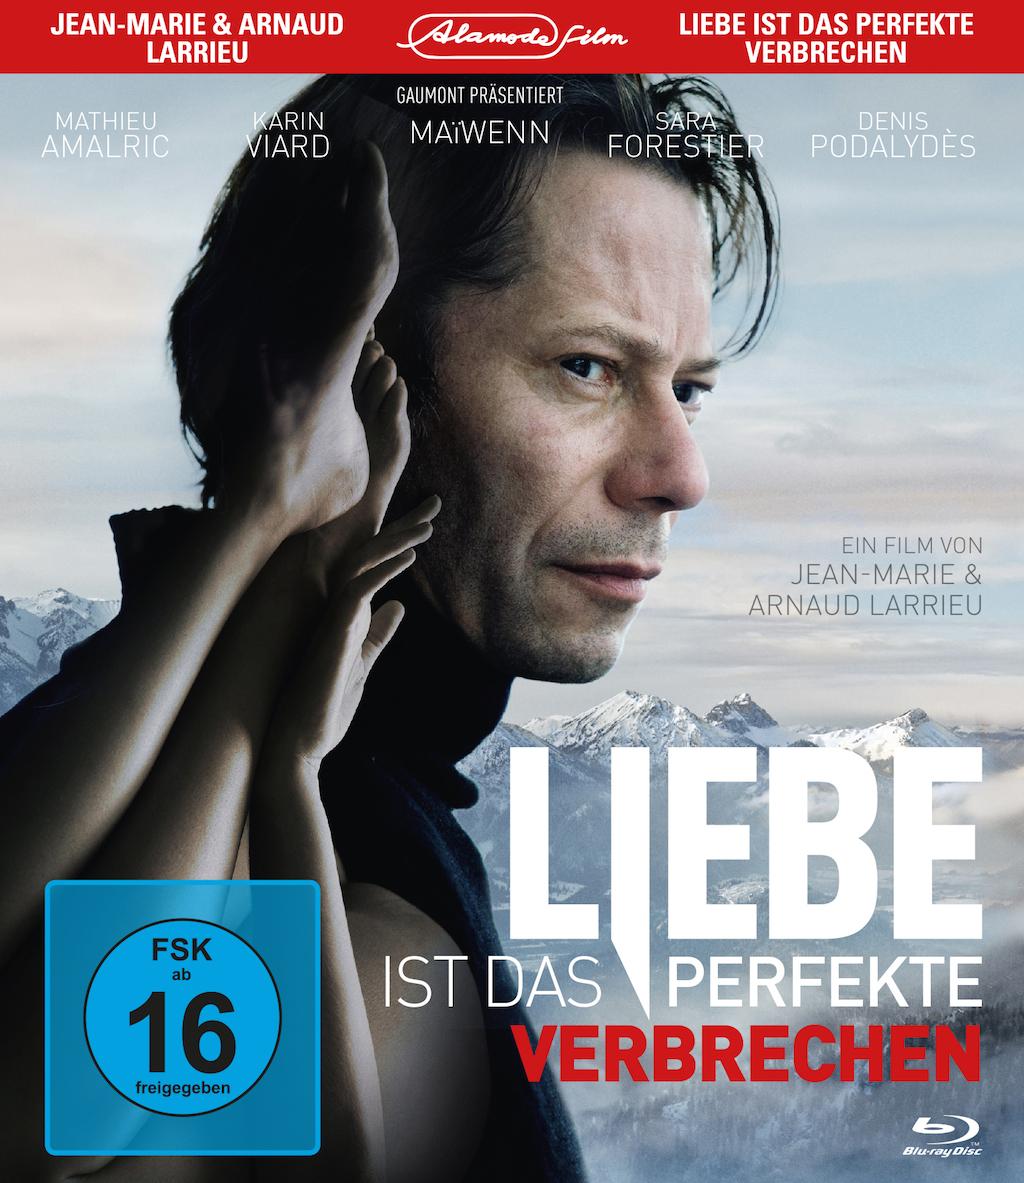 Liebe ist das perfekte Verbrechen | Film-Rezensionen.de